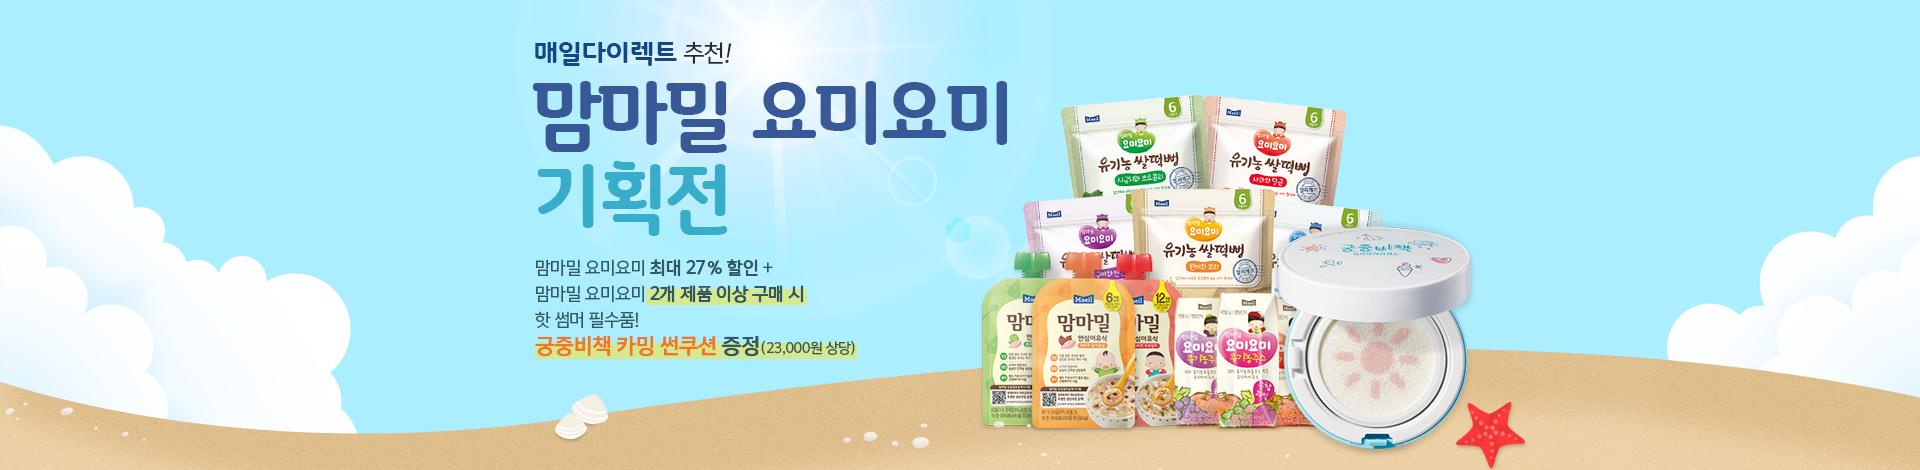 맘마밀 요미요미 2개 이상 구매 시 궁중비책 썬쿠션 증정